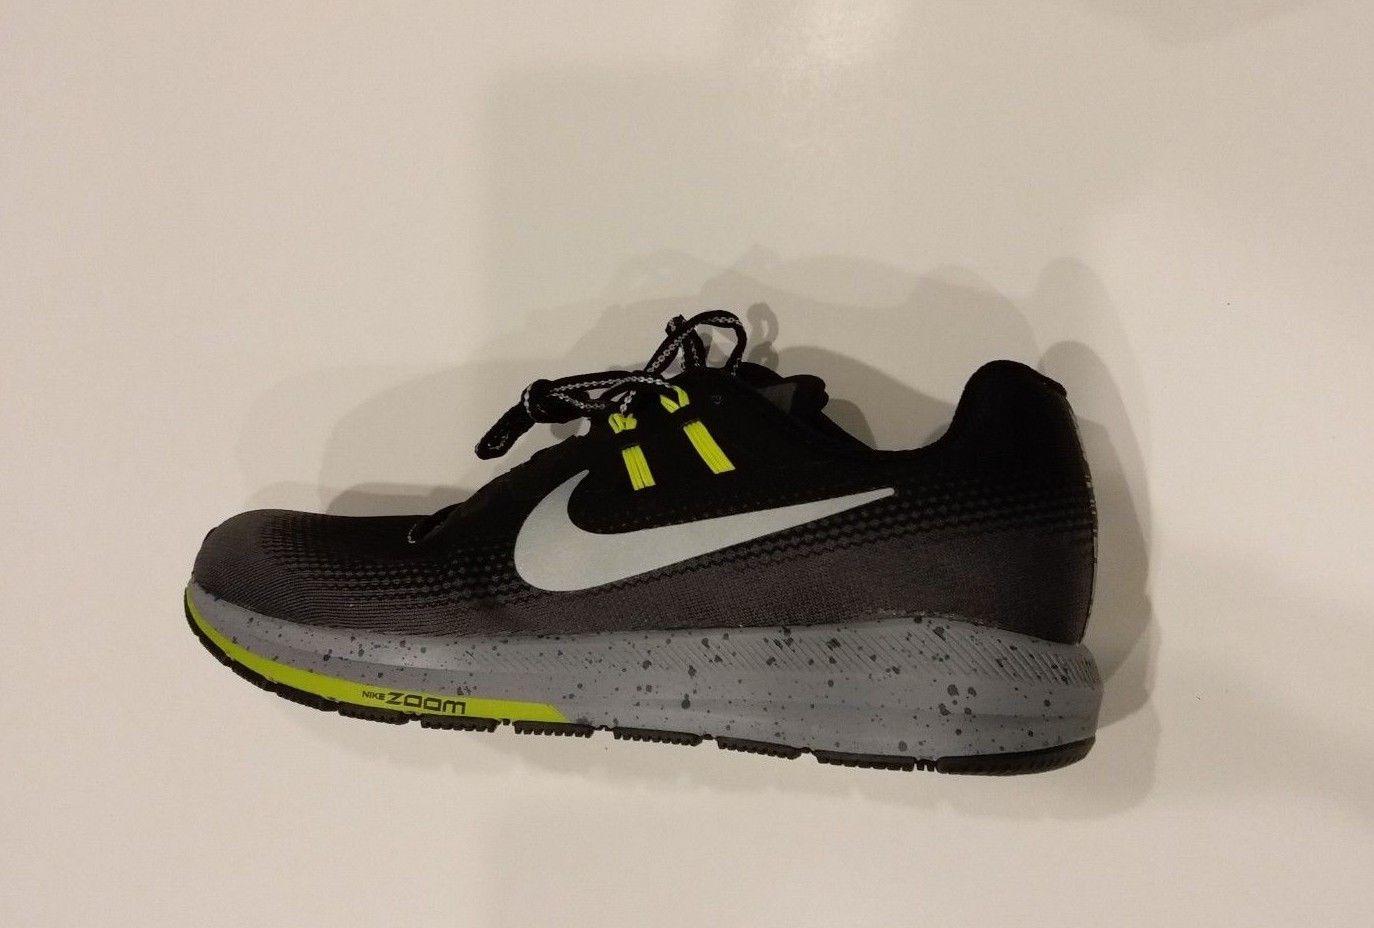 Nike Zoom Train TORANADA Scarpe da Ginnastica Uomo, Blu